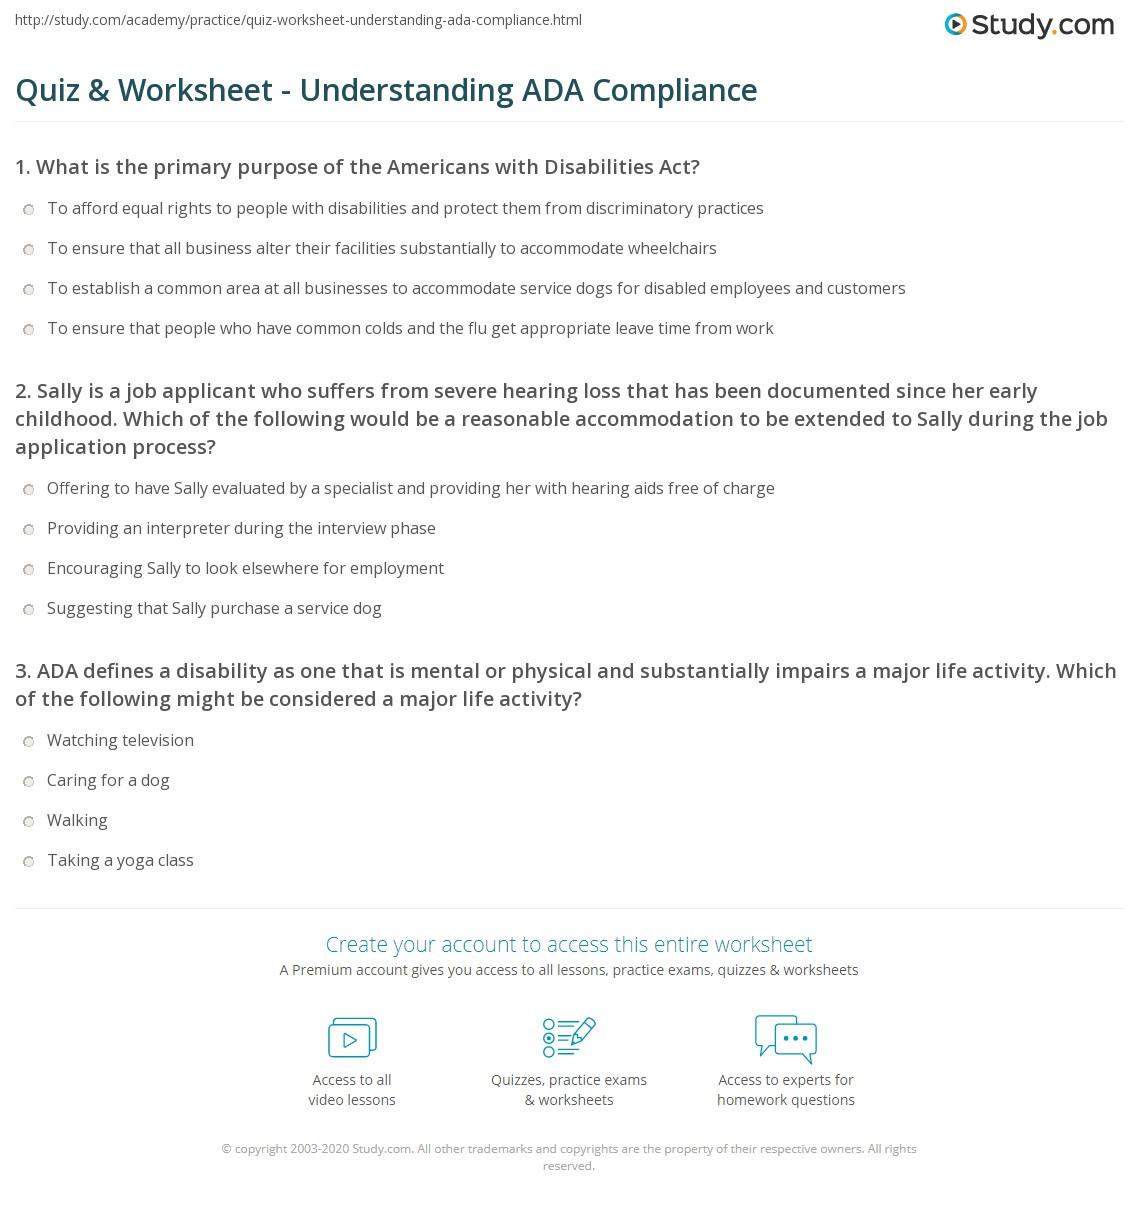 quiz & worksheet - understanding ada compliance | study